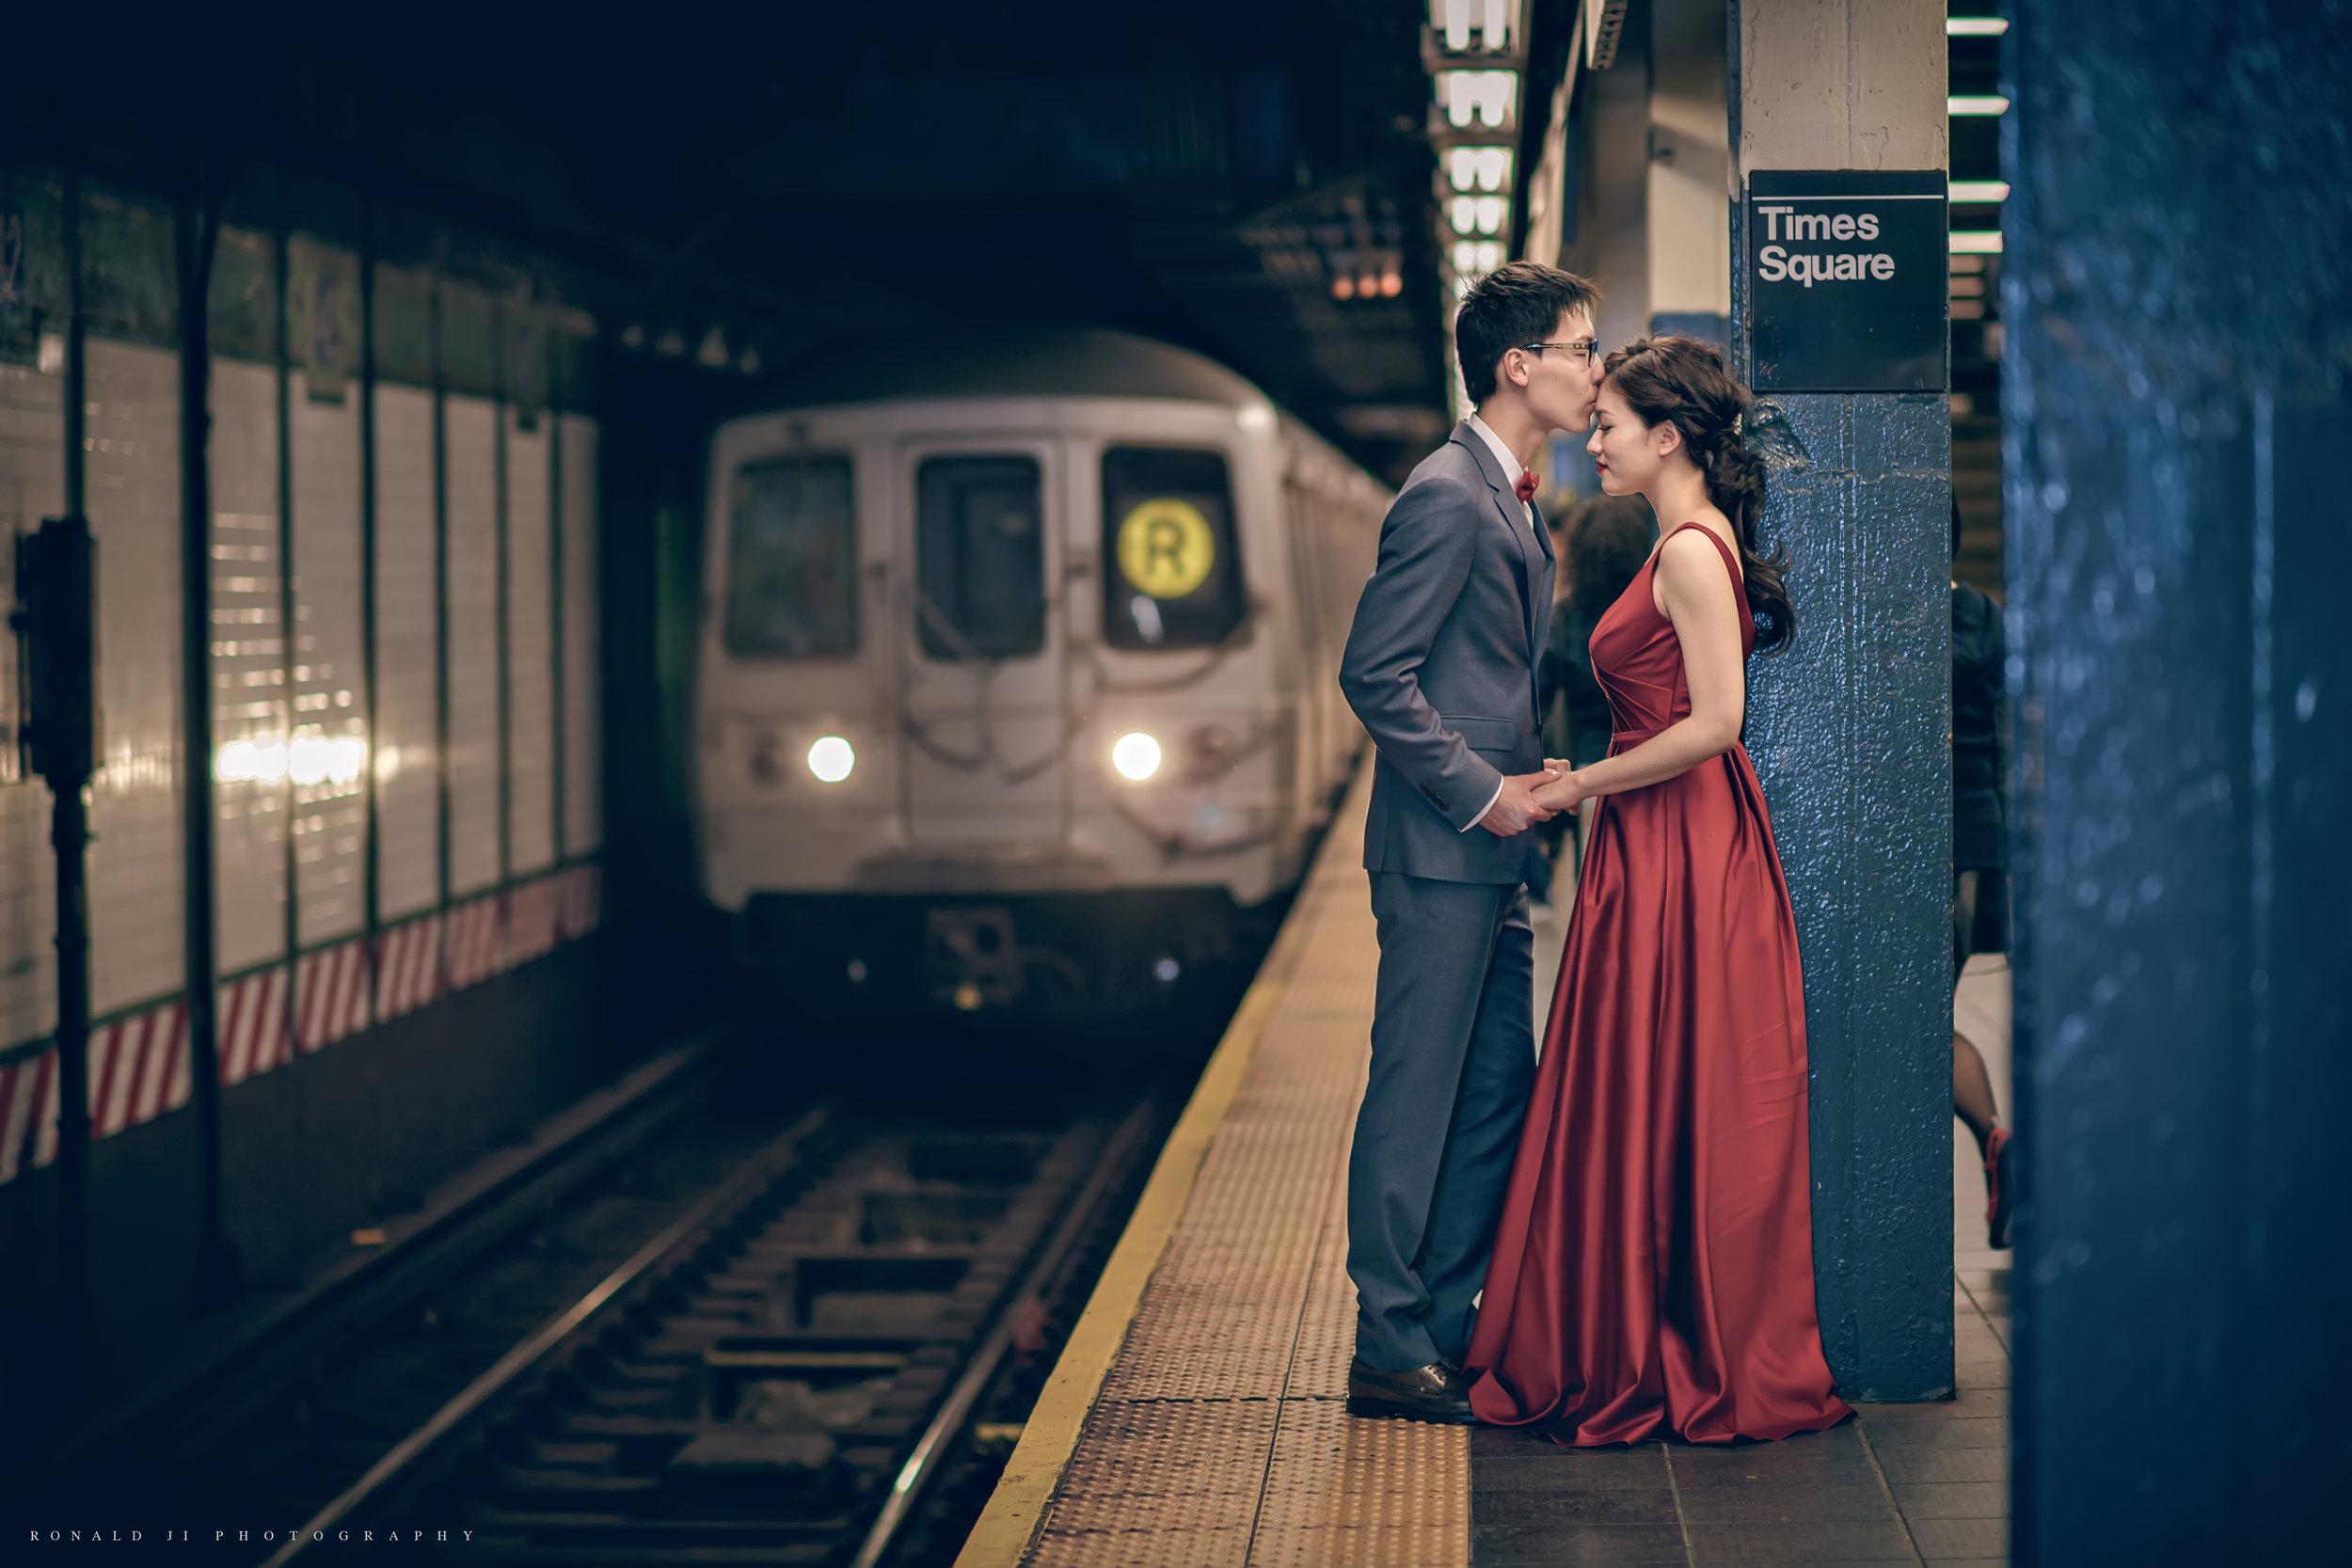 「時代廣場地鐵站42nd St Subway Line」 By Ronald Ji